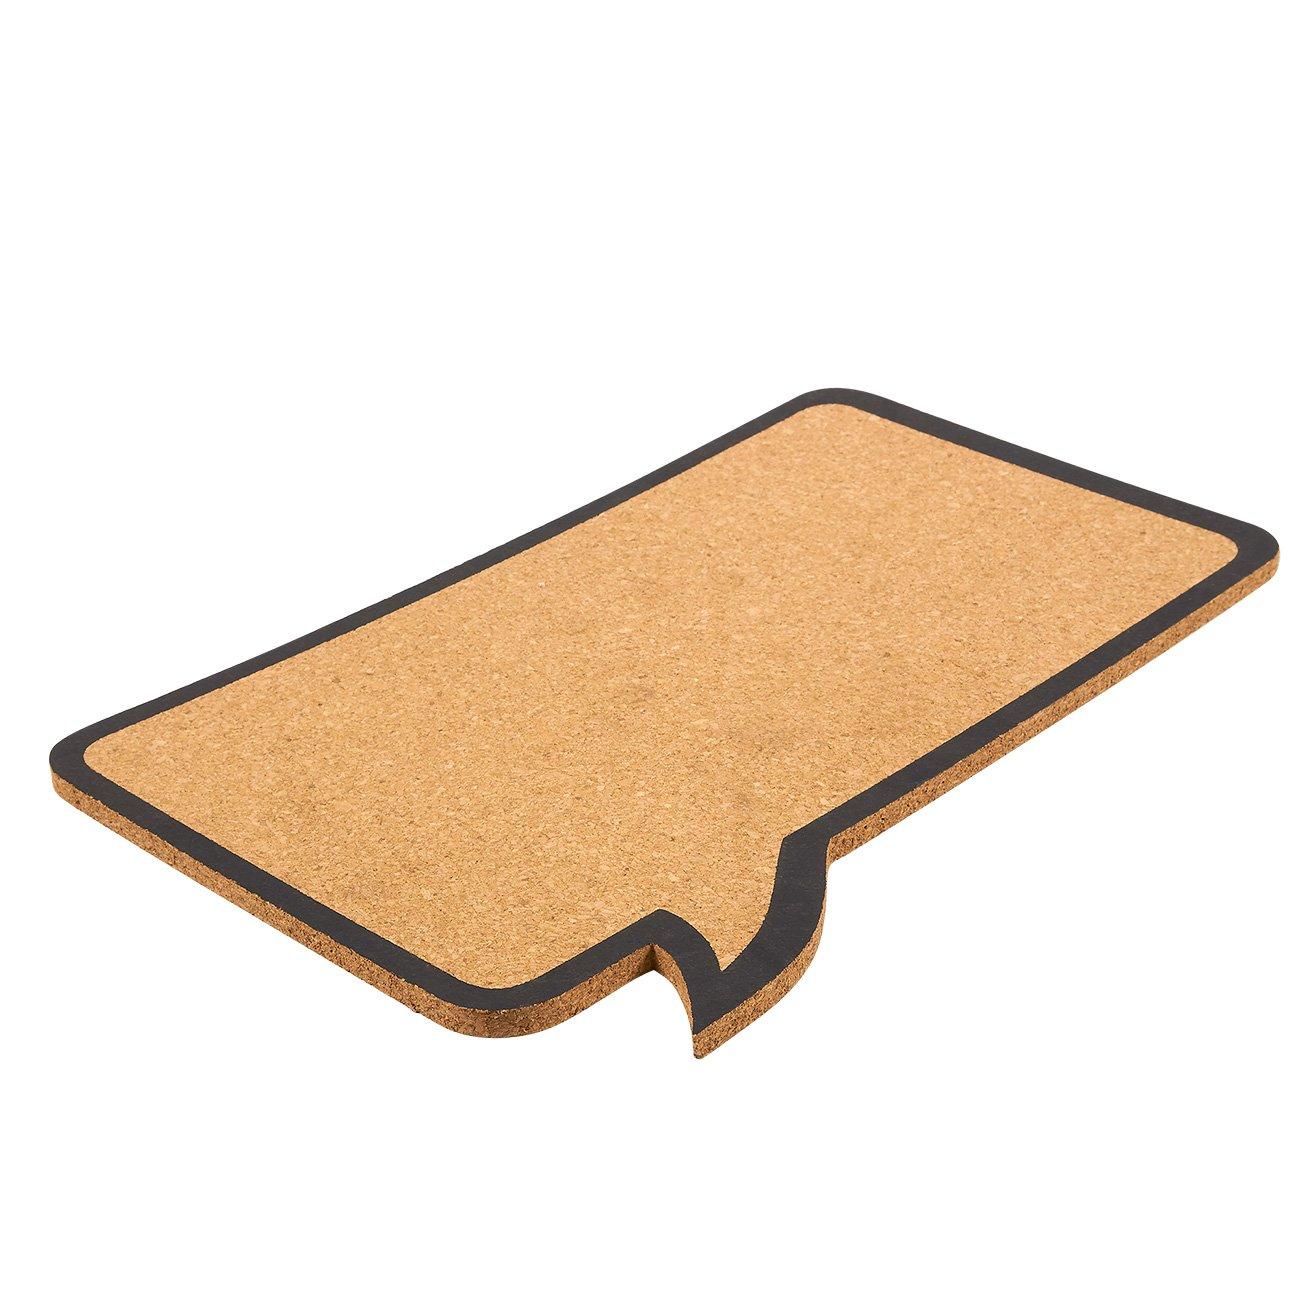 44,5/x 29,2/x 0,8/cm /decorativo fumetto memo board/ /perfetto per spinatura e promemoria Cork bacheca in sughero naturale/ /include 6/perni/